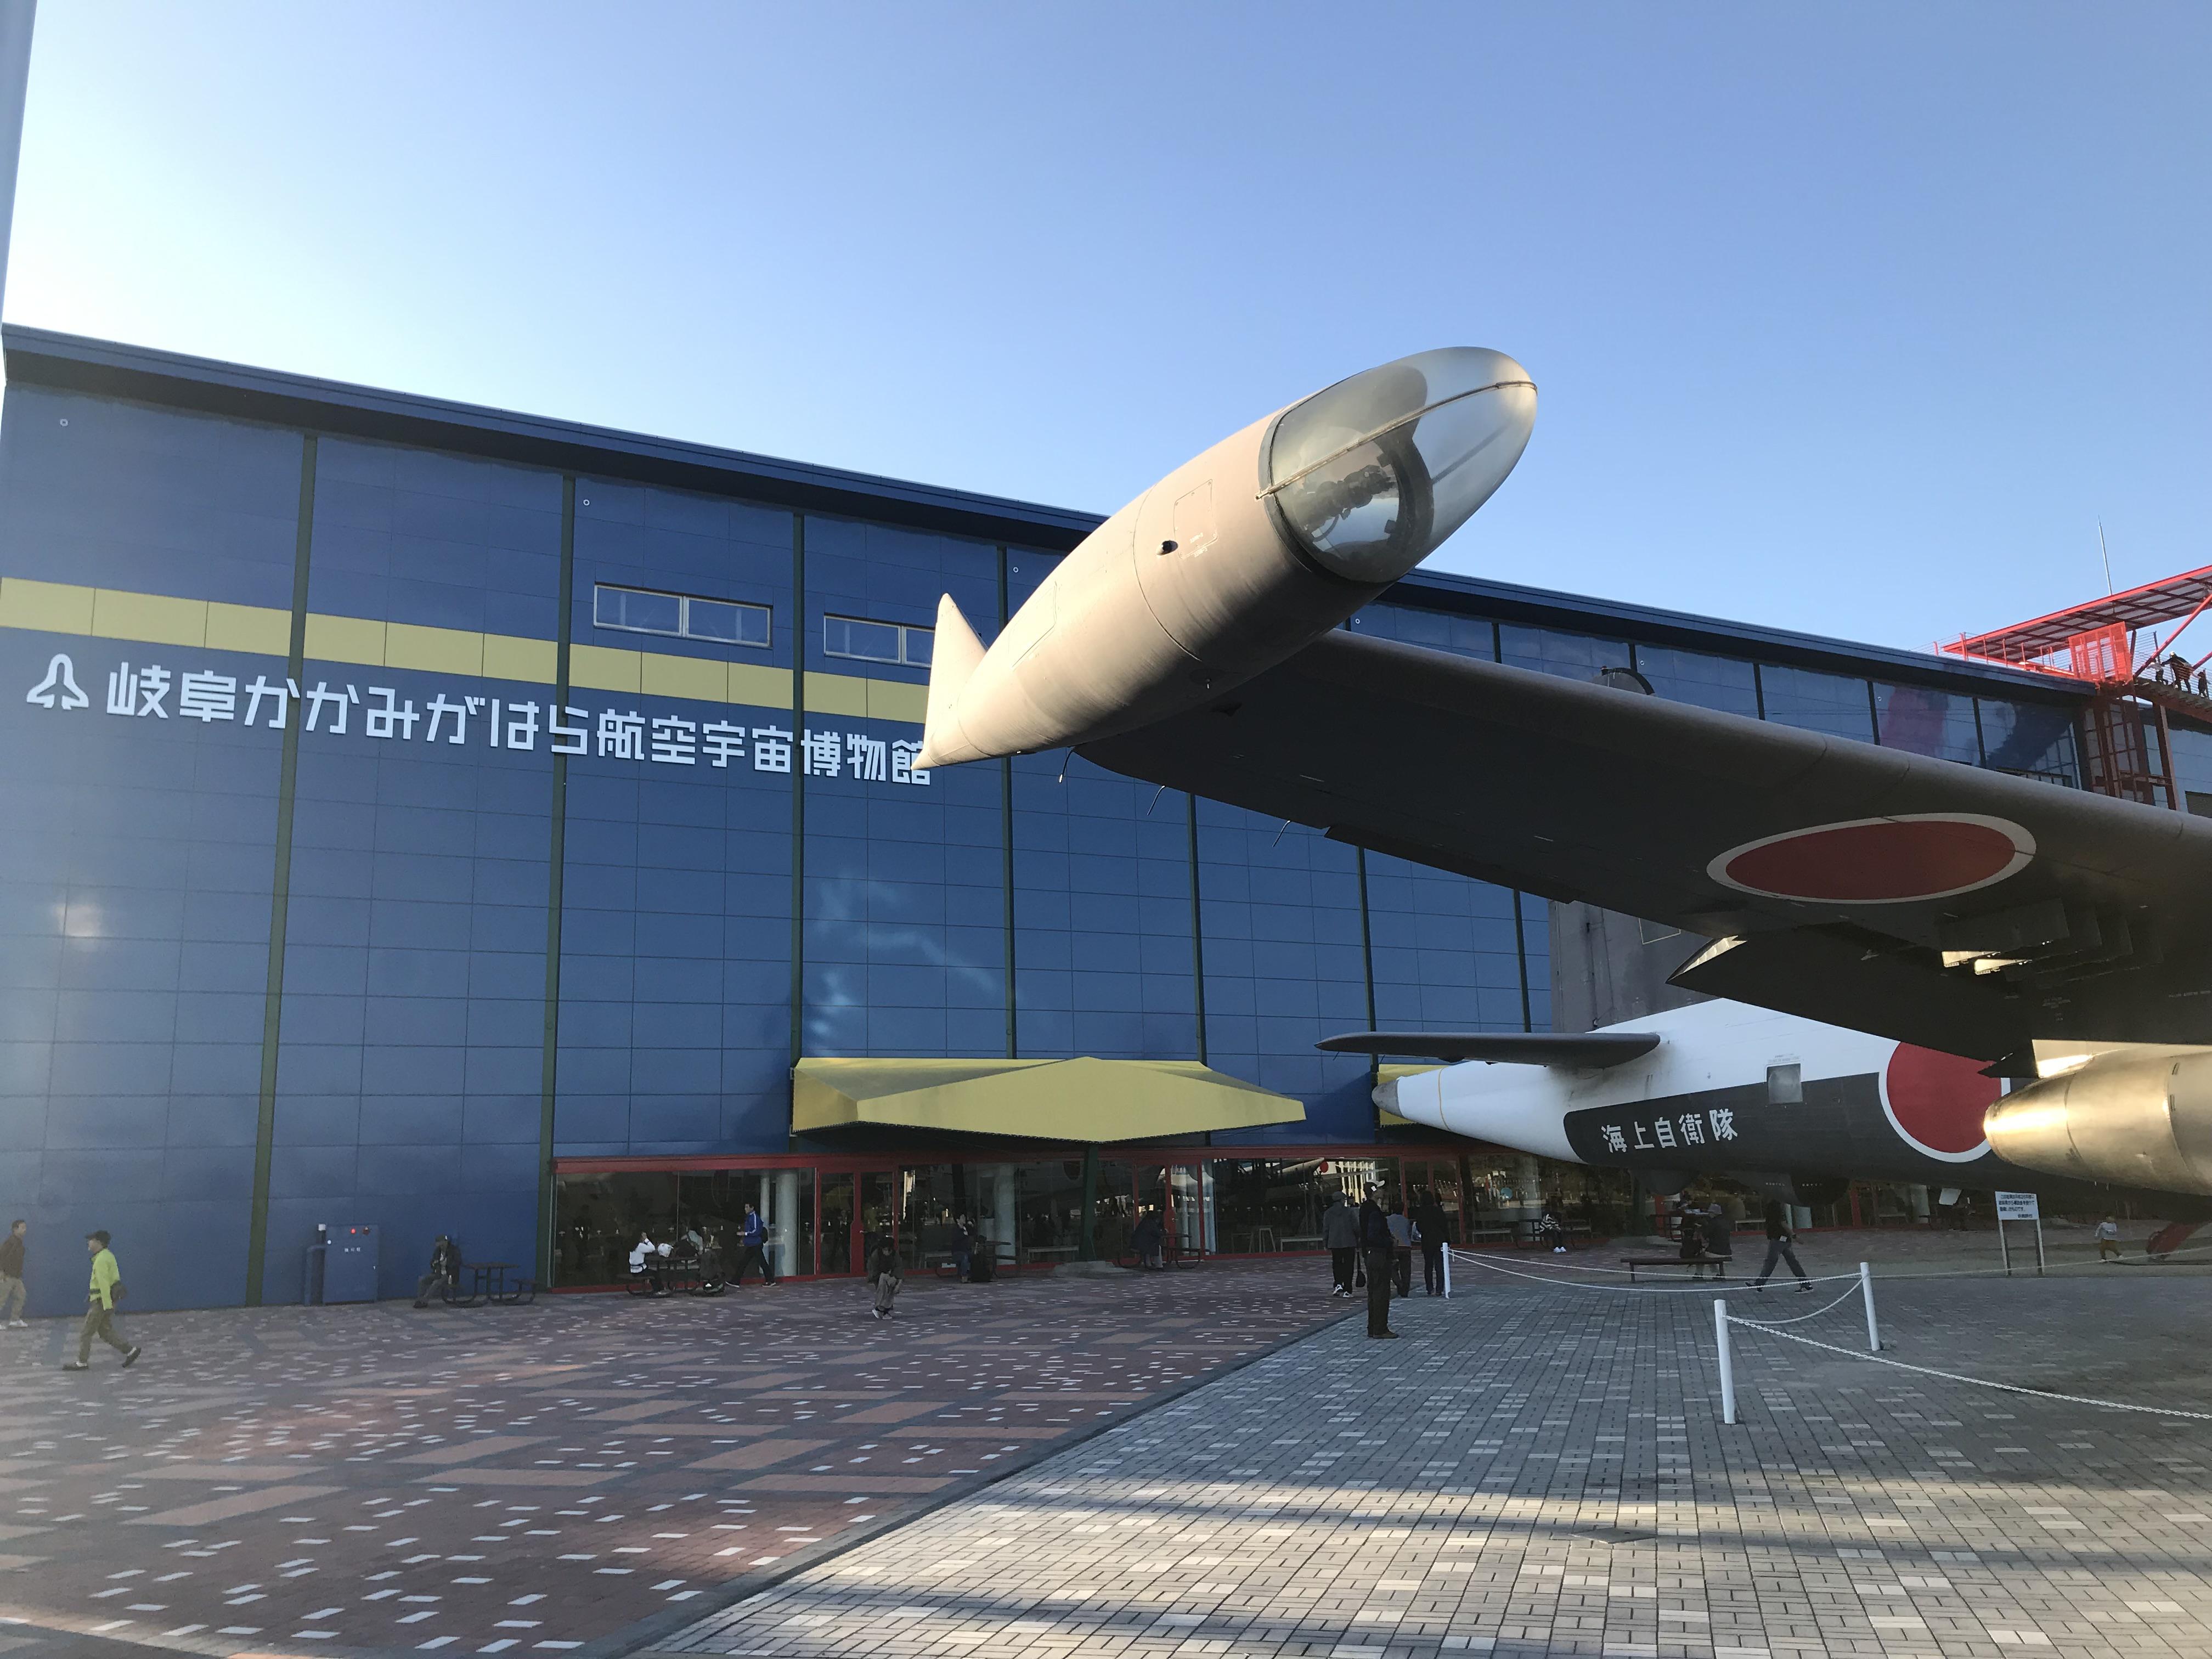 航空博物館外観